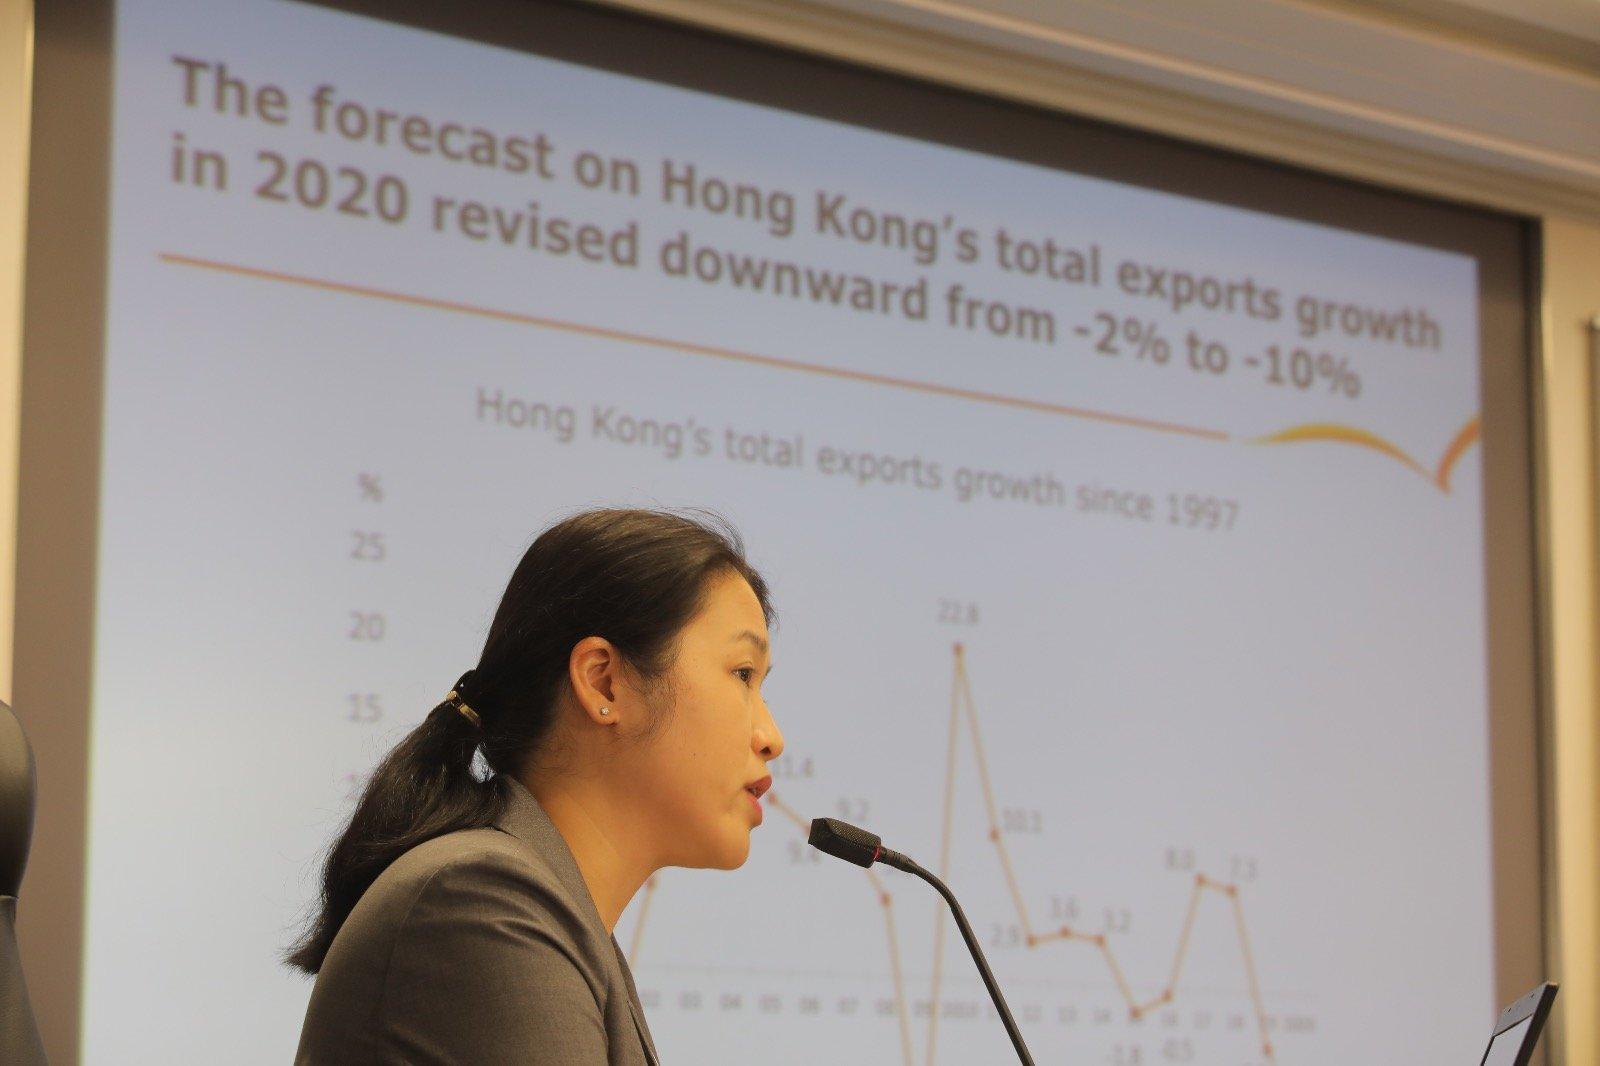 香港貿發局下調對今年香港出口預測,由收縮2%下調至收縮10%。圖為香港貿發局大中華區助理首席經濟師曾詩韻。圖:香港貿發局提供)